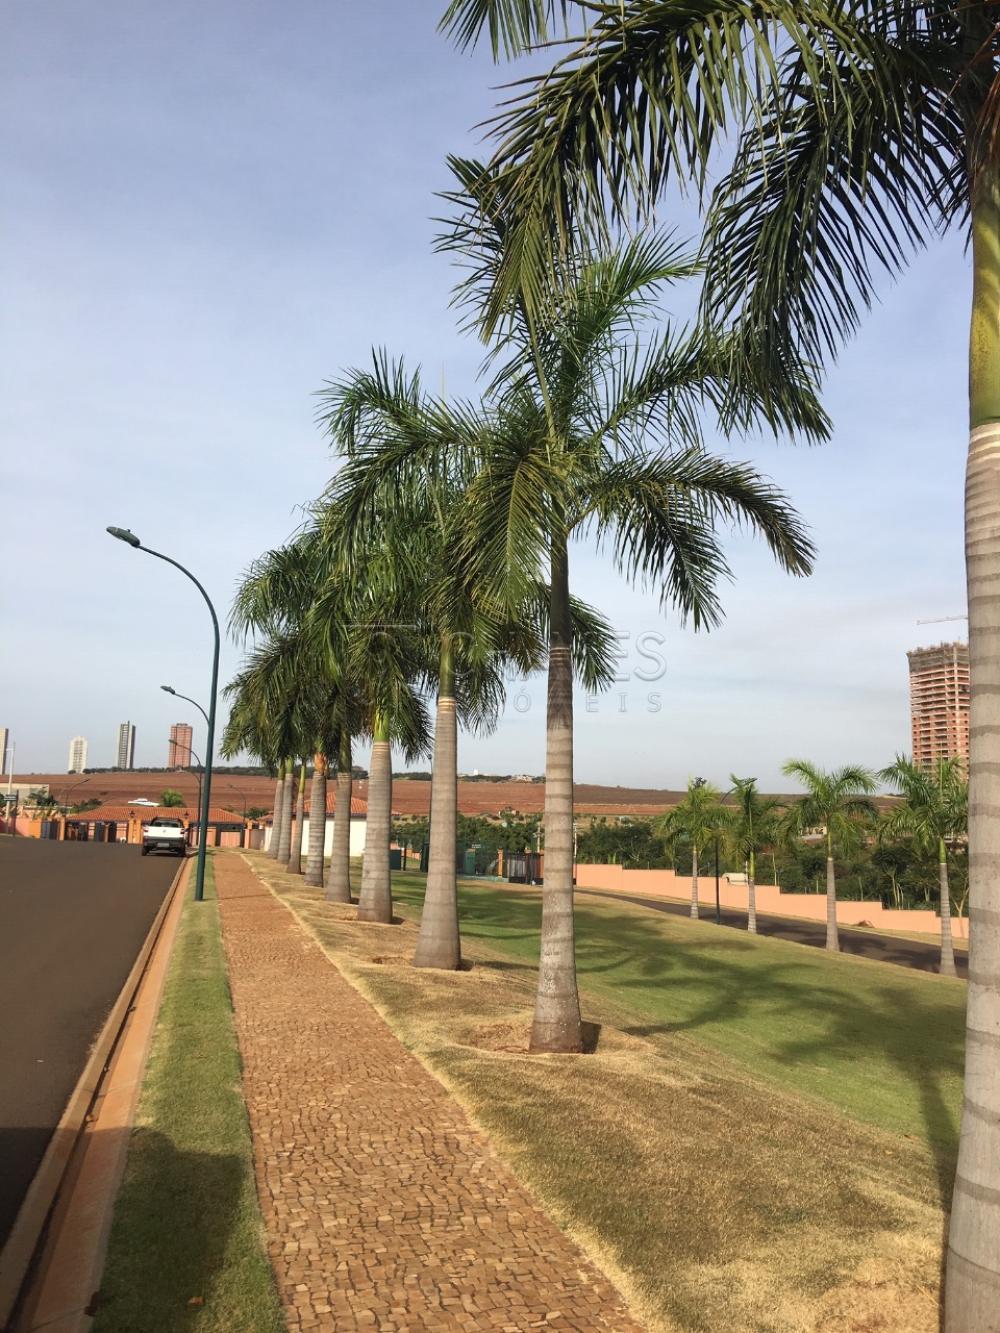 Comprar Terreno / Condomínio em Bonfim Paulista apenas R$ 950.000,00 - Foto 6